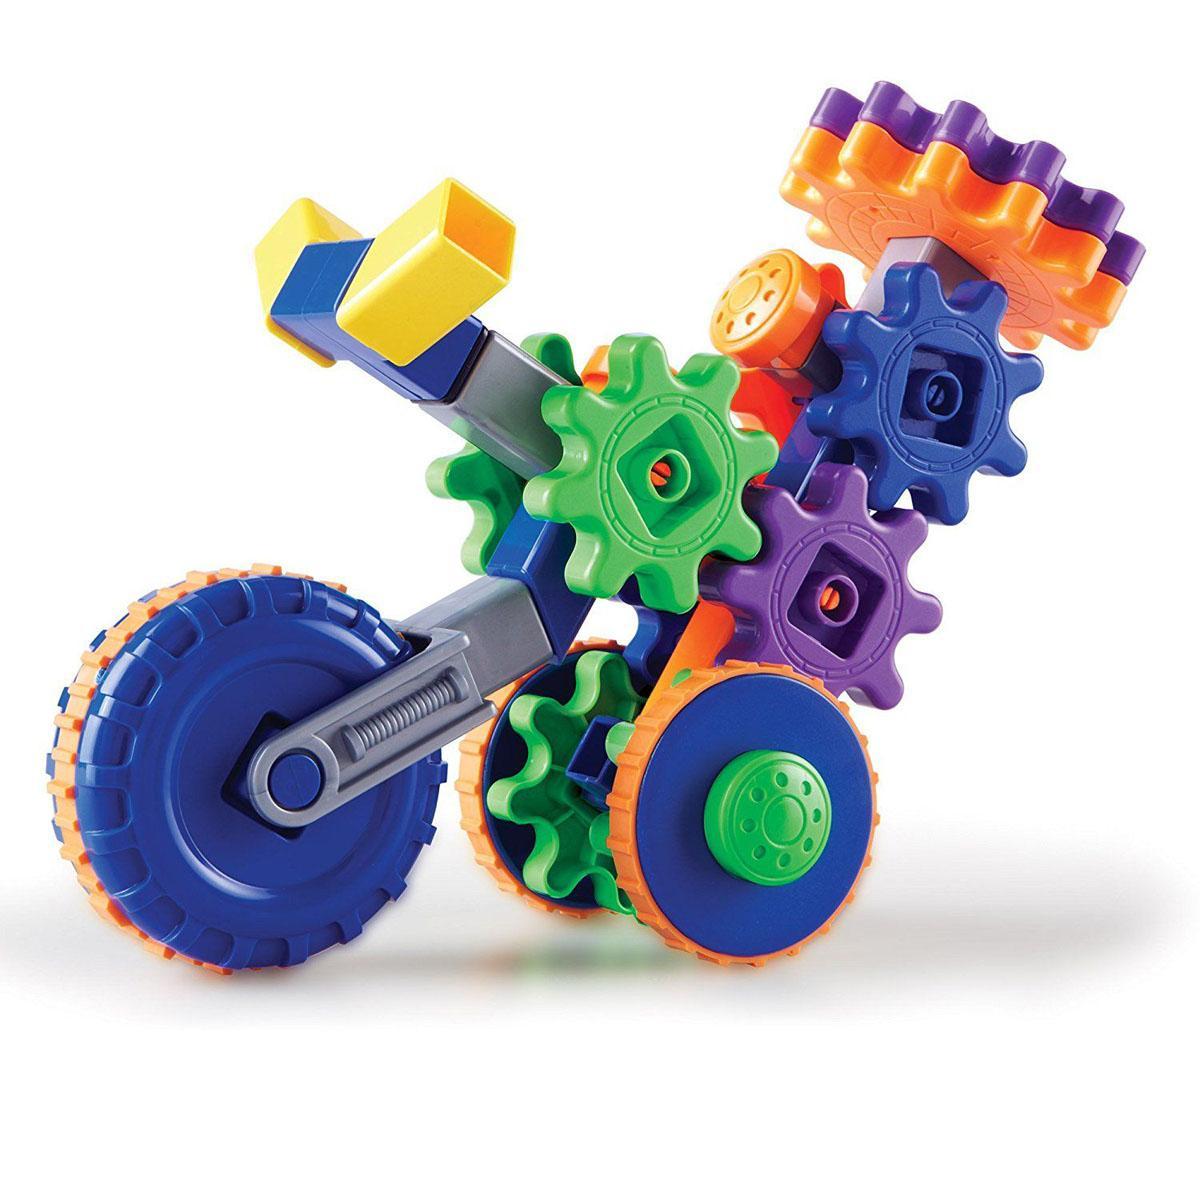 Set za igranje CASTLEGEARS Motocikl